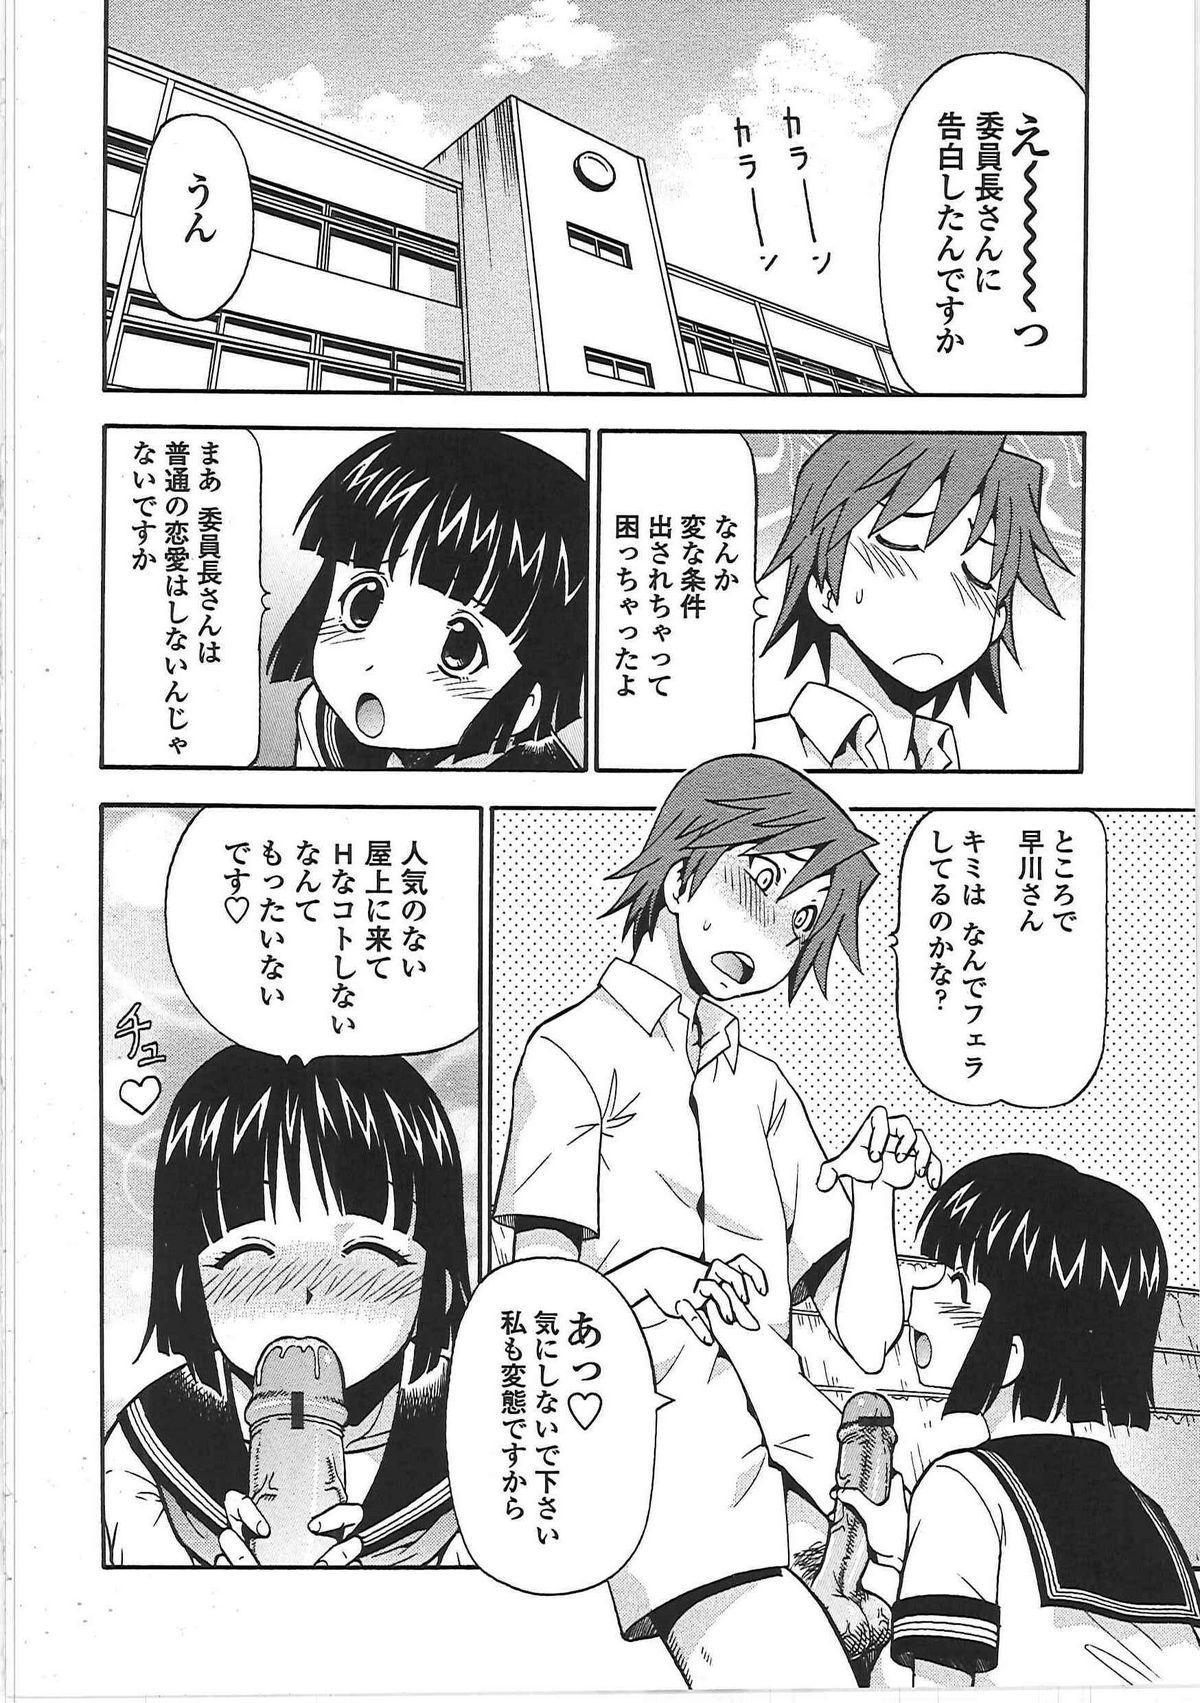 Hentai Iinchou 98